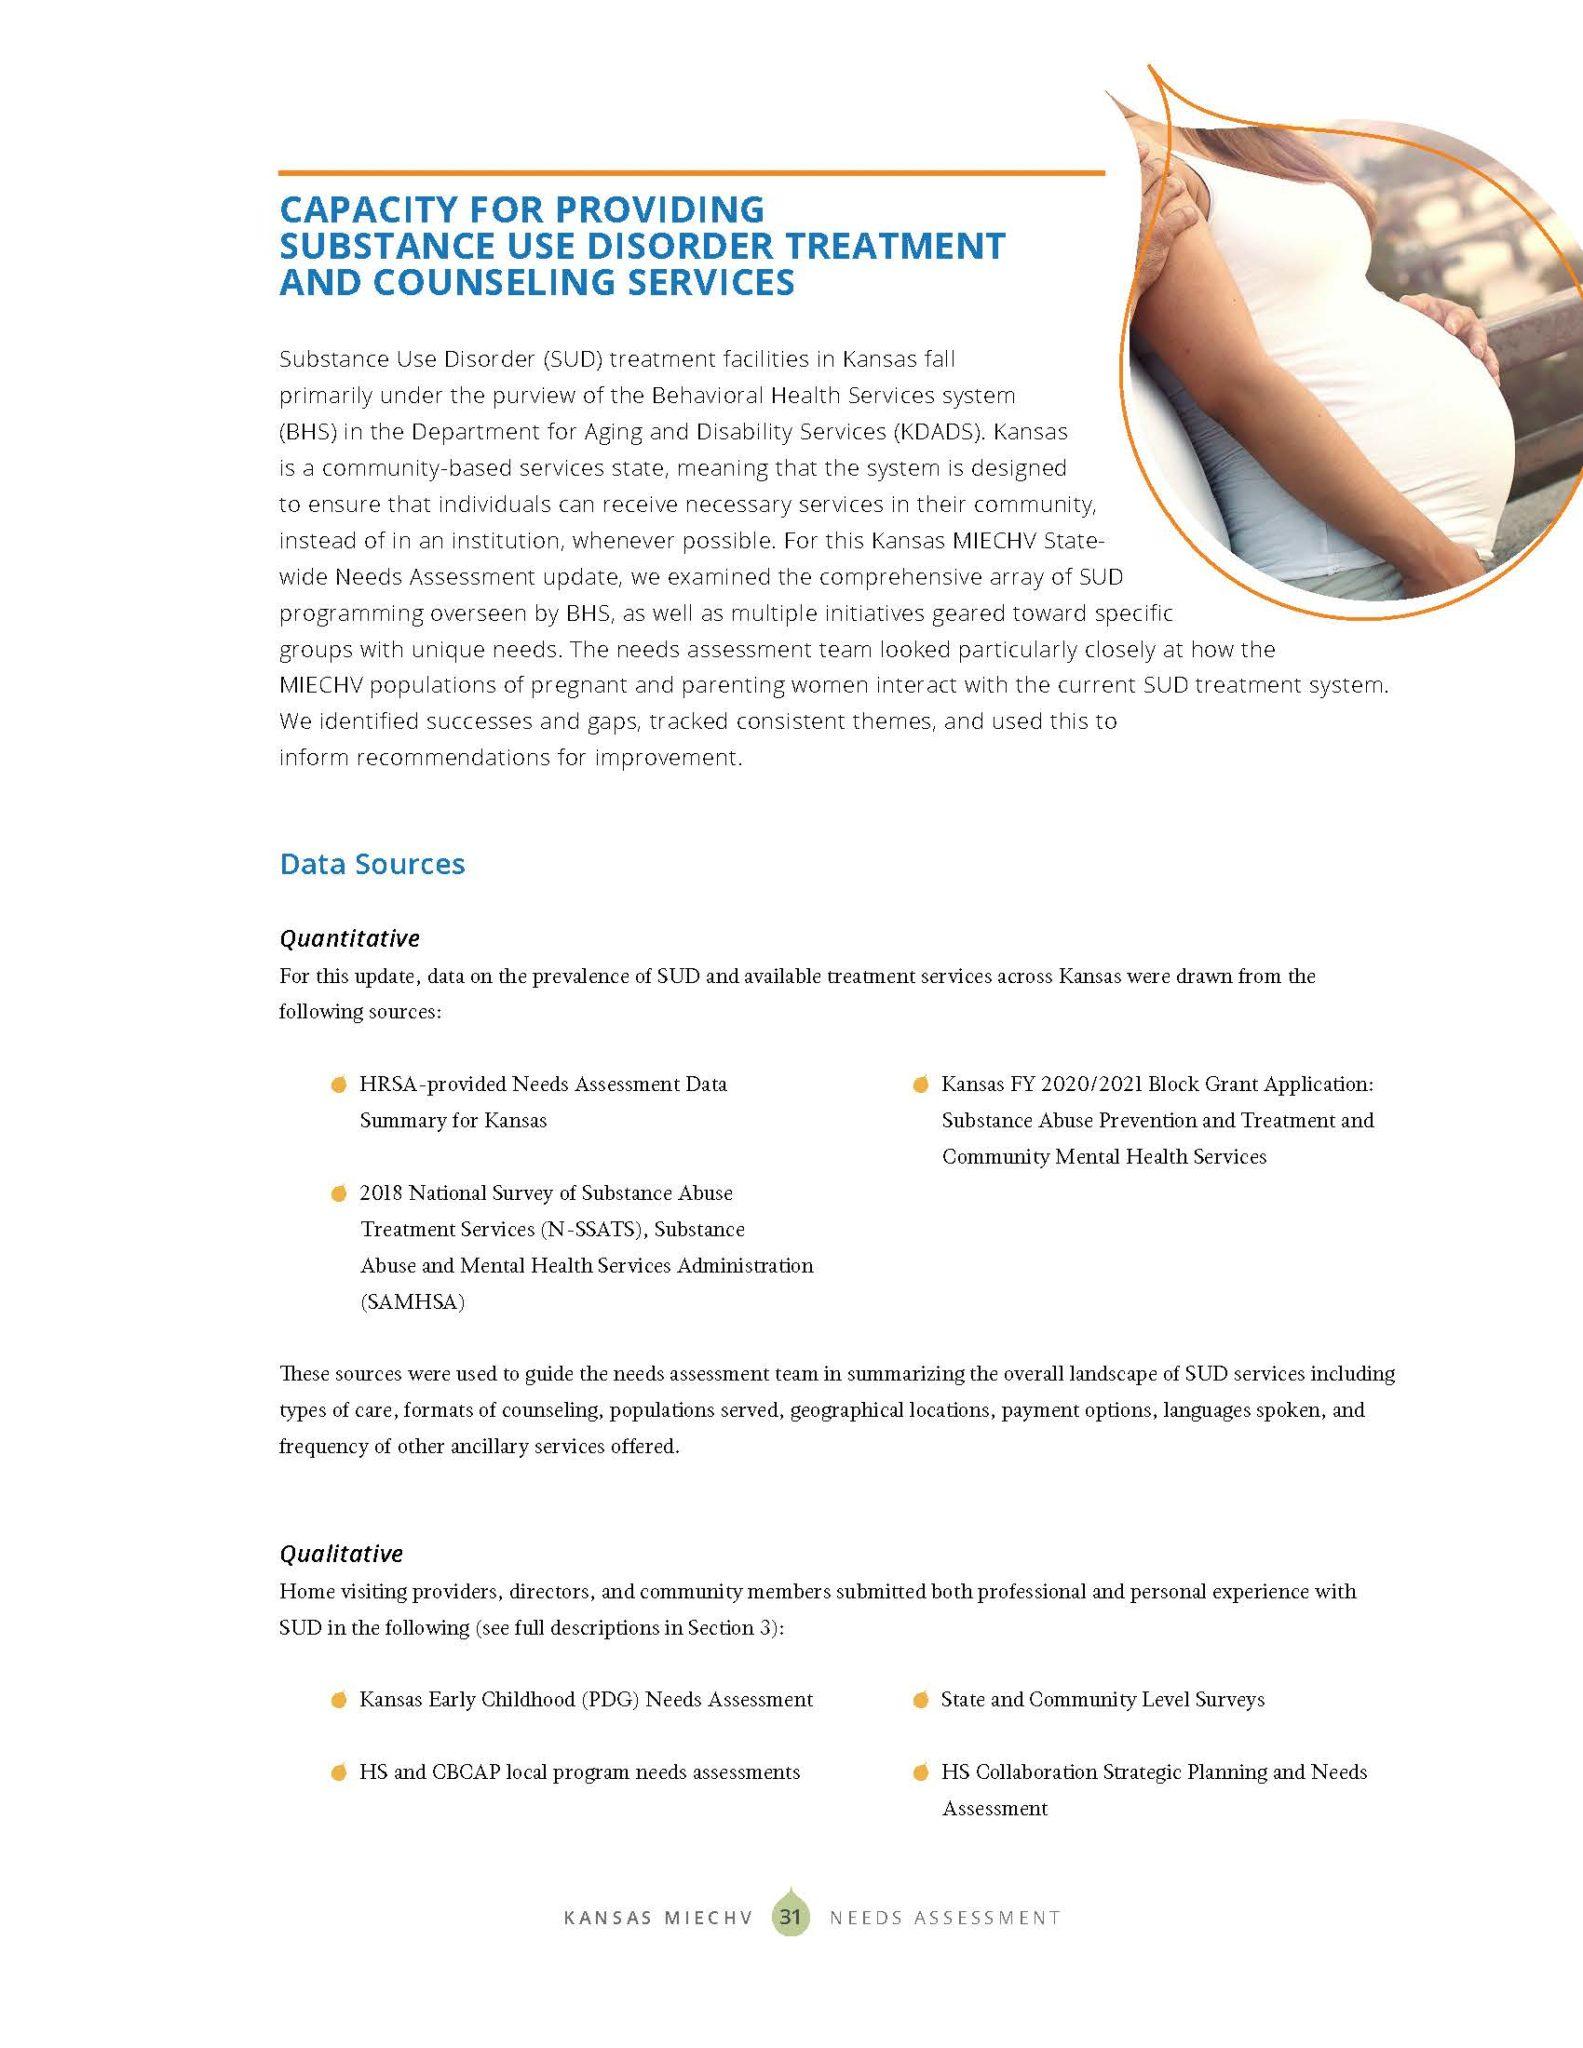 KS MIECHV 2020 Needs Assessment_DIGITAL_Page_039